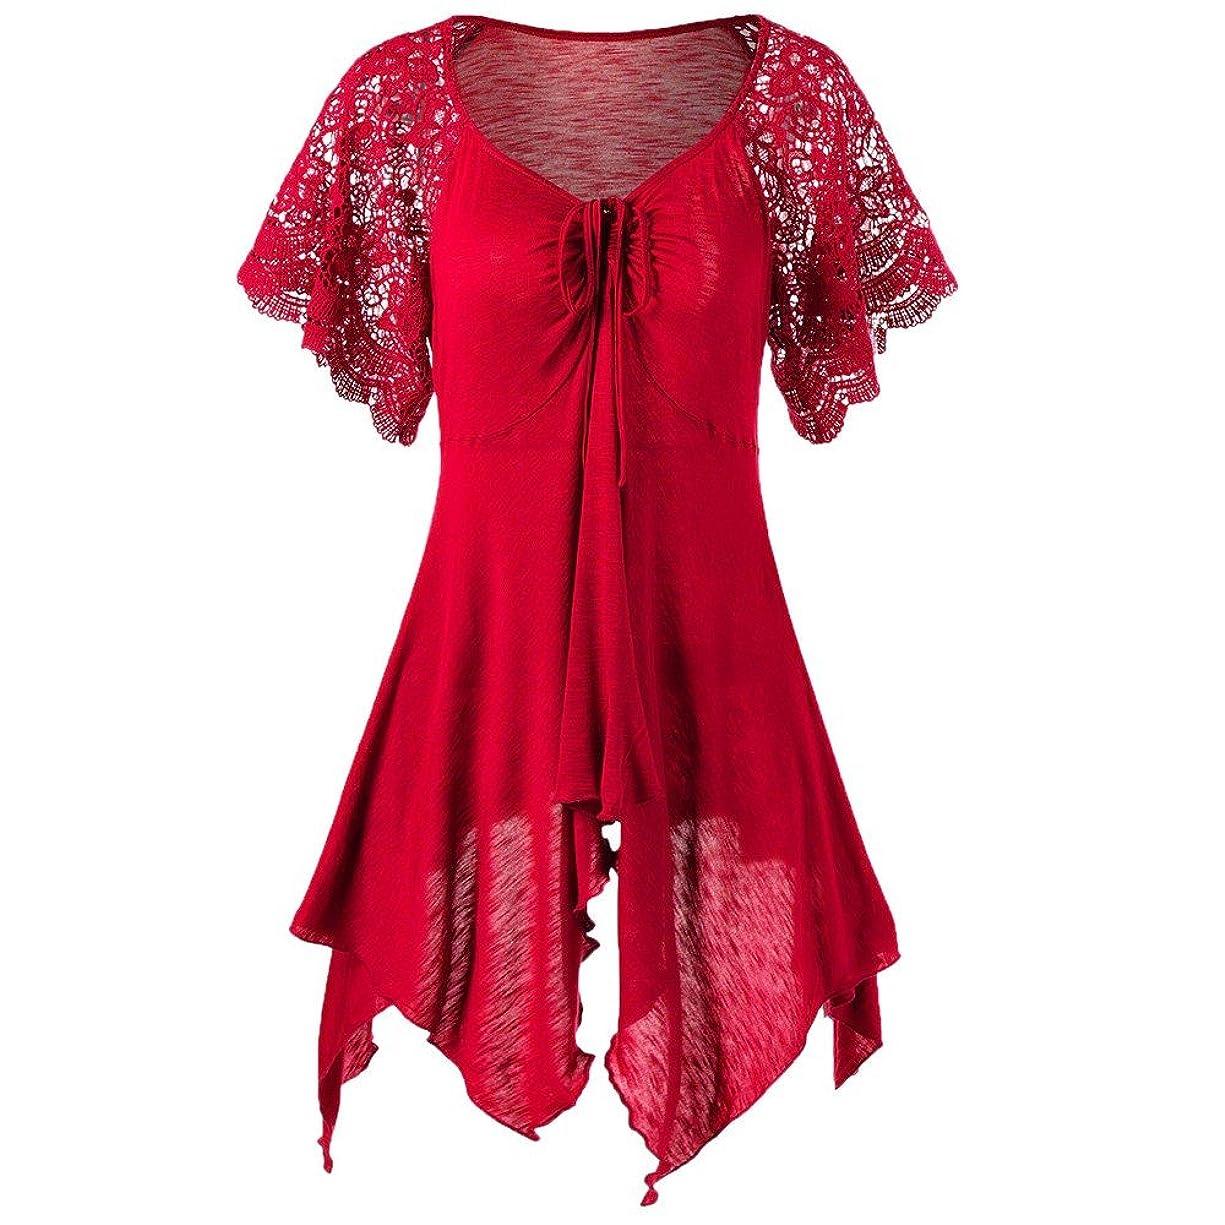 依存シェアスコットランド人レディース 洋服 tシャツ レース 半袖 薄手 美胸 女子力をアップ ロング tシャツ 体型カバー 欧米風 夏服 日々着 リゾート お洒落 お呼ばれ オフィス 日々着 大きなサイズ シンプルなデザイン 20代30代40代でも お仕事 お出かけ デート 旅行 (S, レッド)